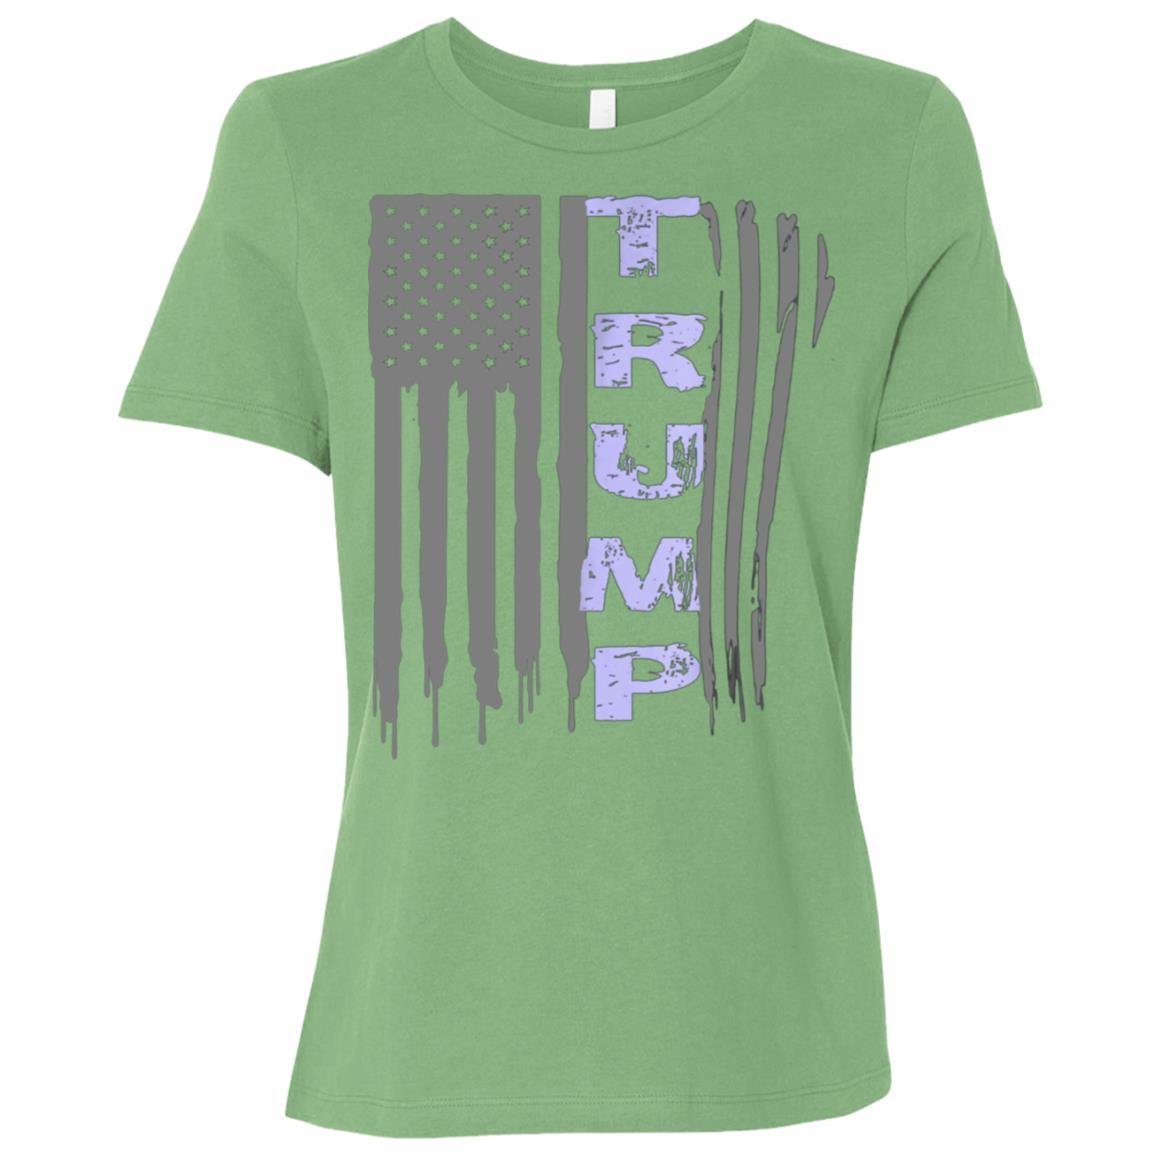 Trump 2020 s Women Short Sleeve T-Shirt